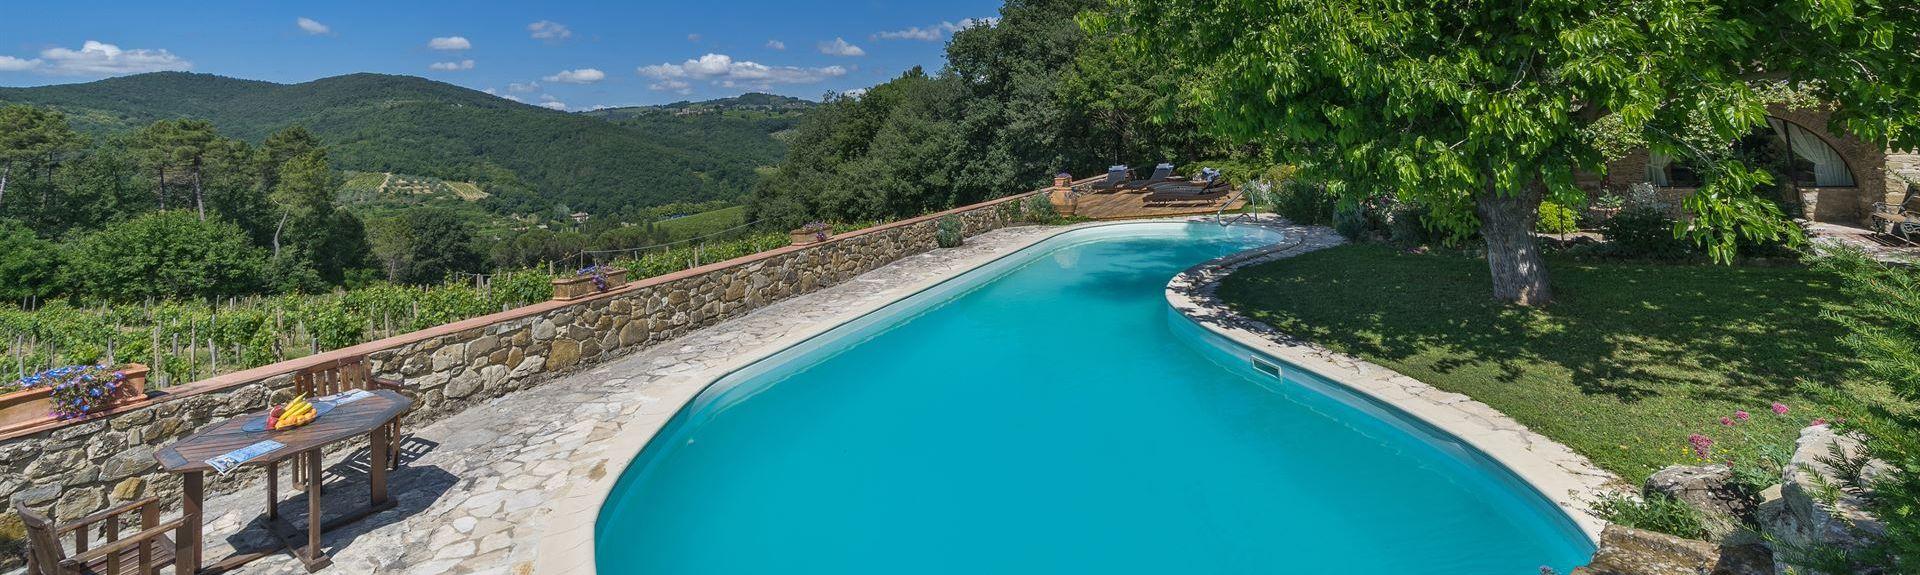 Πόντε Άλι Στόλι, Τοσκάνη, Ιταλία